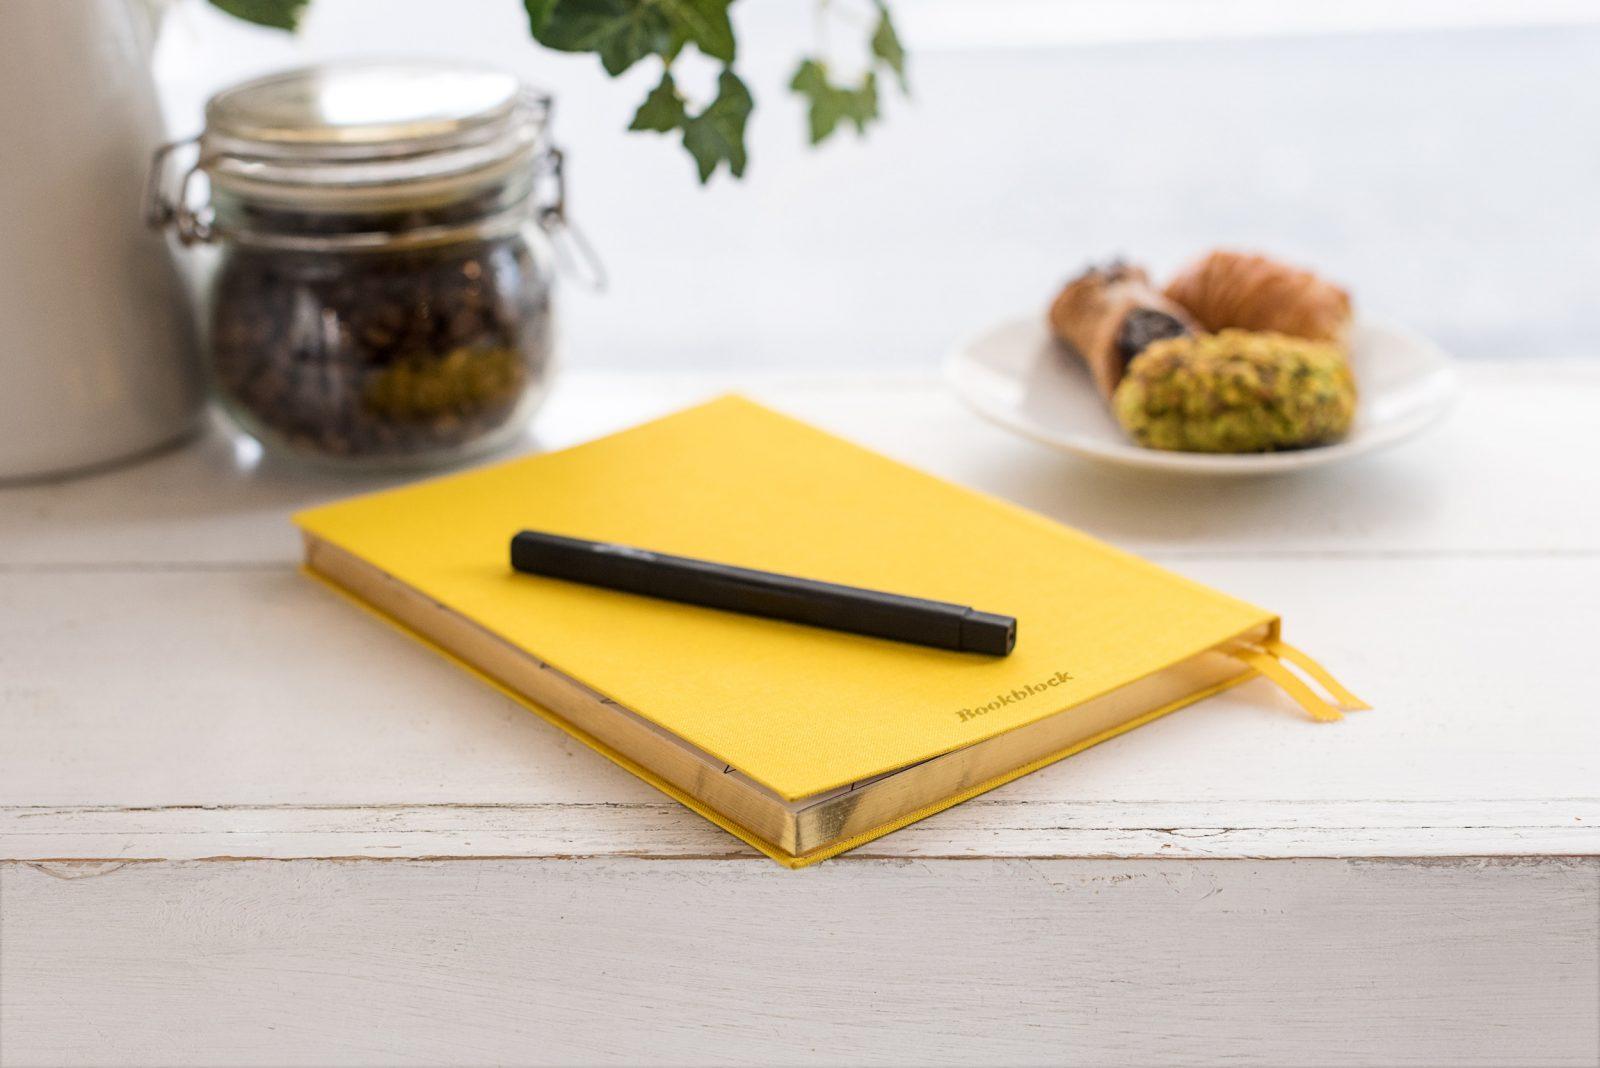 [LEESFRAGMENT] Lees mee in het dagboek van Stefanie De Jonghe. Over leven met een chronisch ziek kind